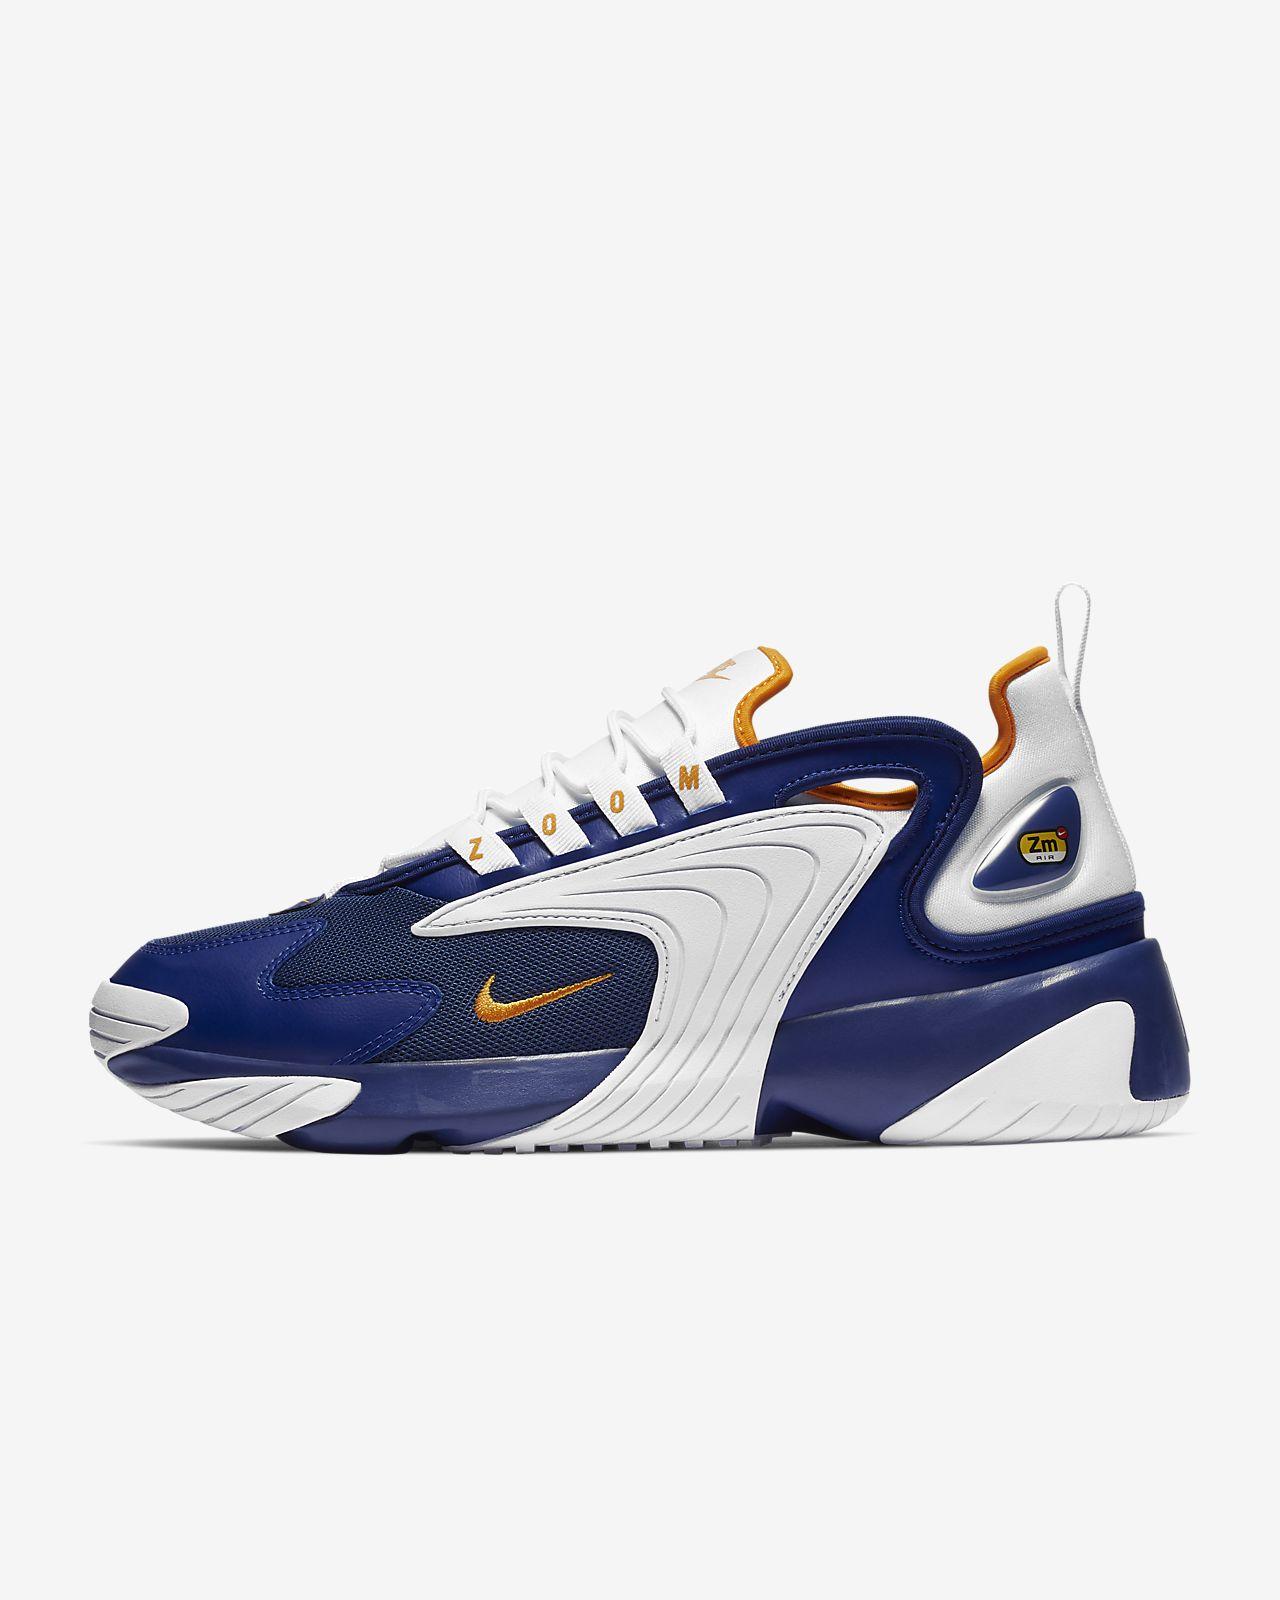 Nike Scarpa DonnaCh Zoom DonnaCh Scarpa 2k Nike Zoom 2k Scarpa Nn0mw8